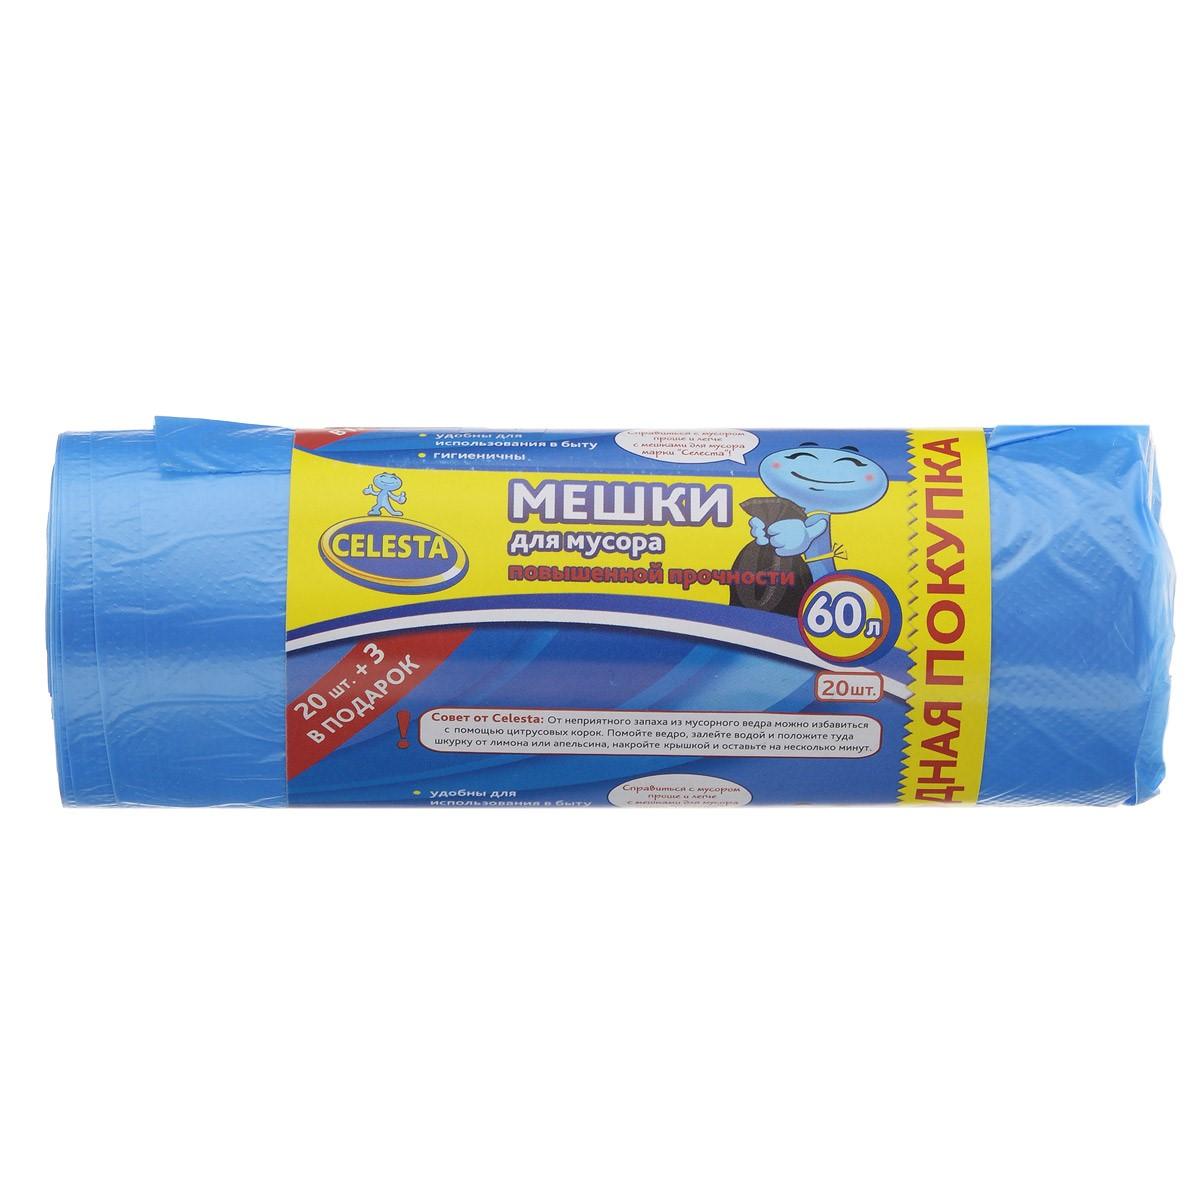 Мешки для мусора Celesta, цвет: синий, 60 л, 20 штSVC-300Мешки для мусора Celesta применяются для хранения и транспортировки бытовых мусорных и продуктовых отходов. Удобны для использования в быту. Суперпрочные и гигиеничные. Мешки быстро и просто отрываются по линии перфорации. Материал: полиэтилен. Объем: 60 л. Количество мешков: 20 шт.